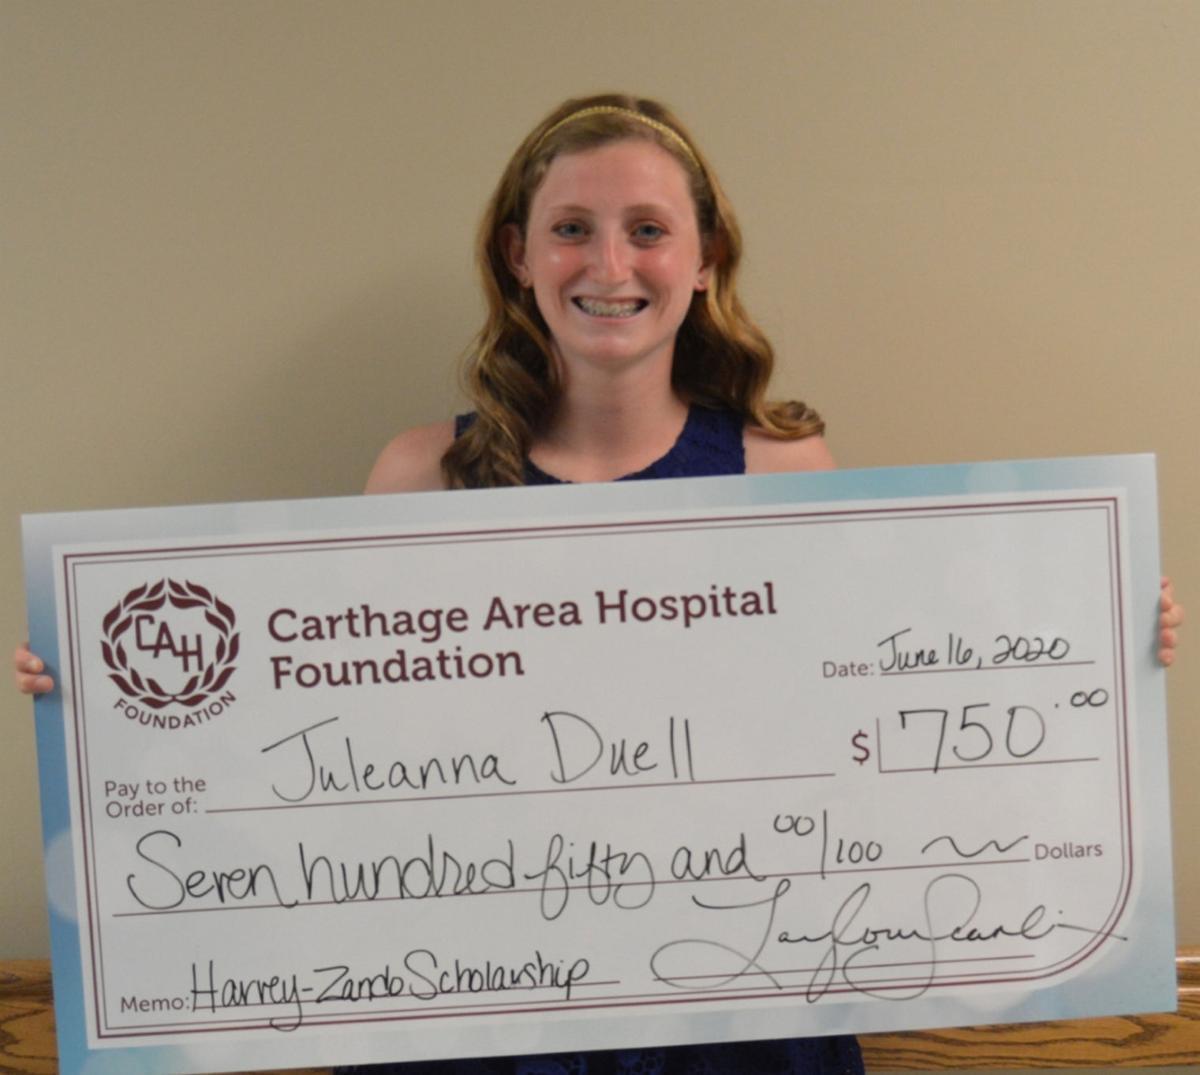 Carthage hospital foundation awards scholarships to 4 seniors